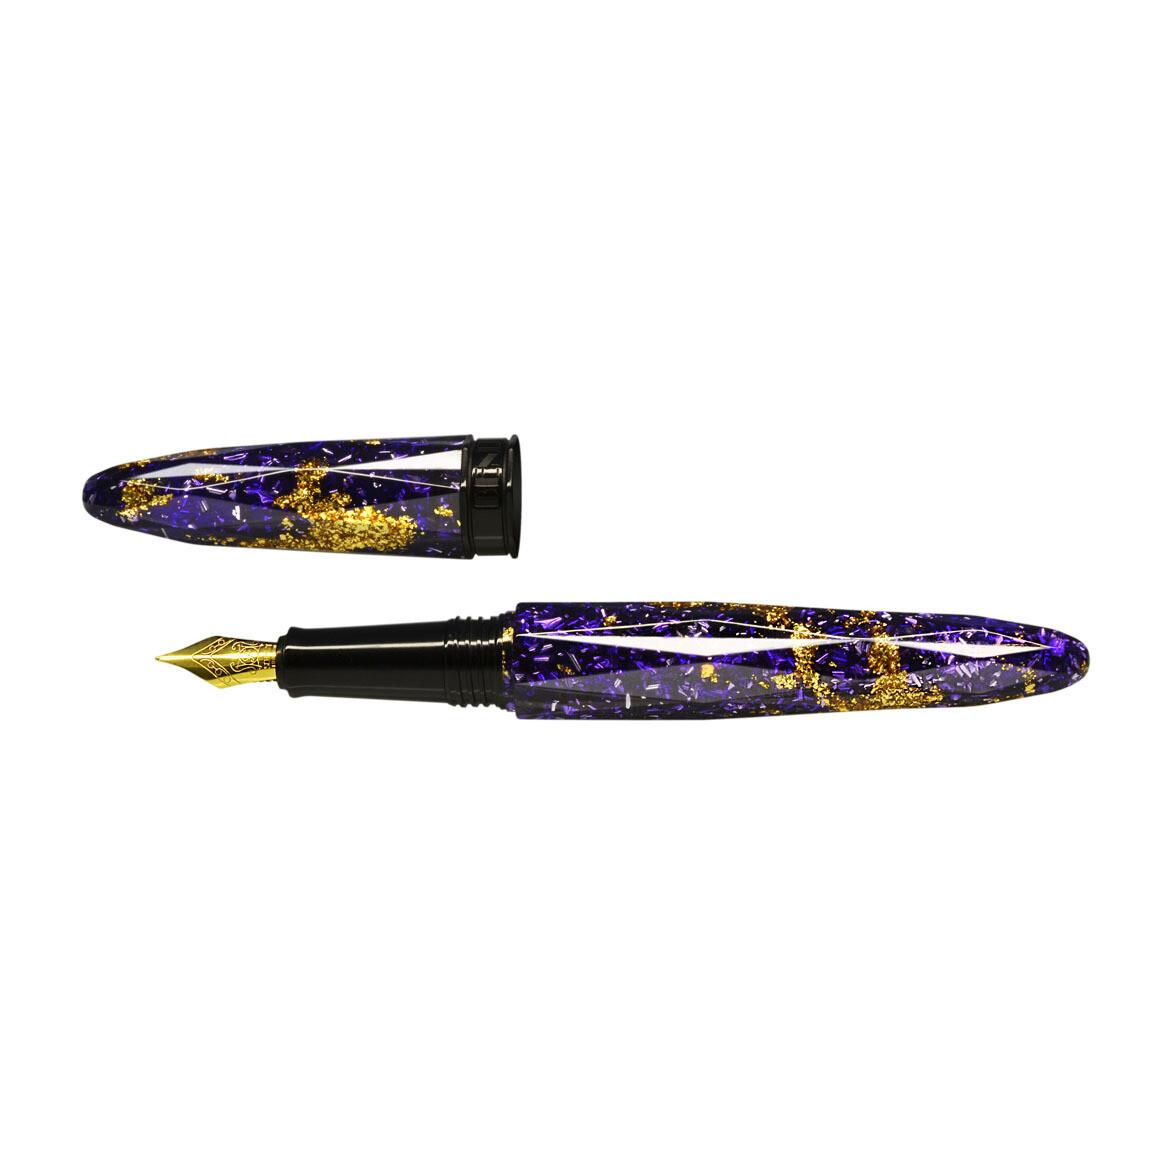 Jolanda   Fountain pen